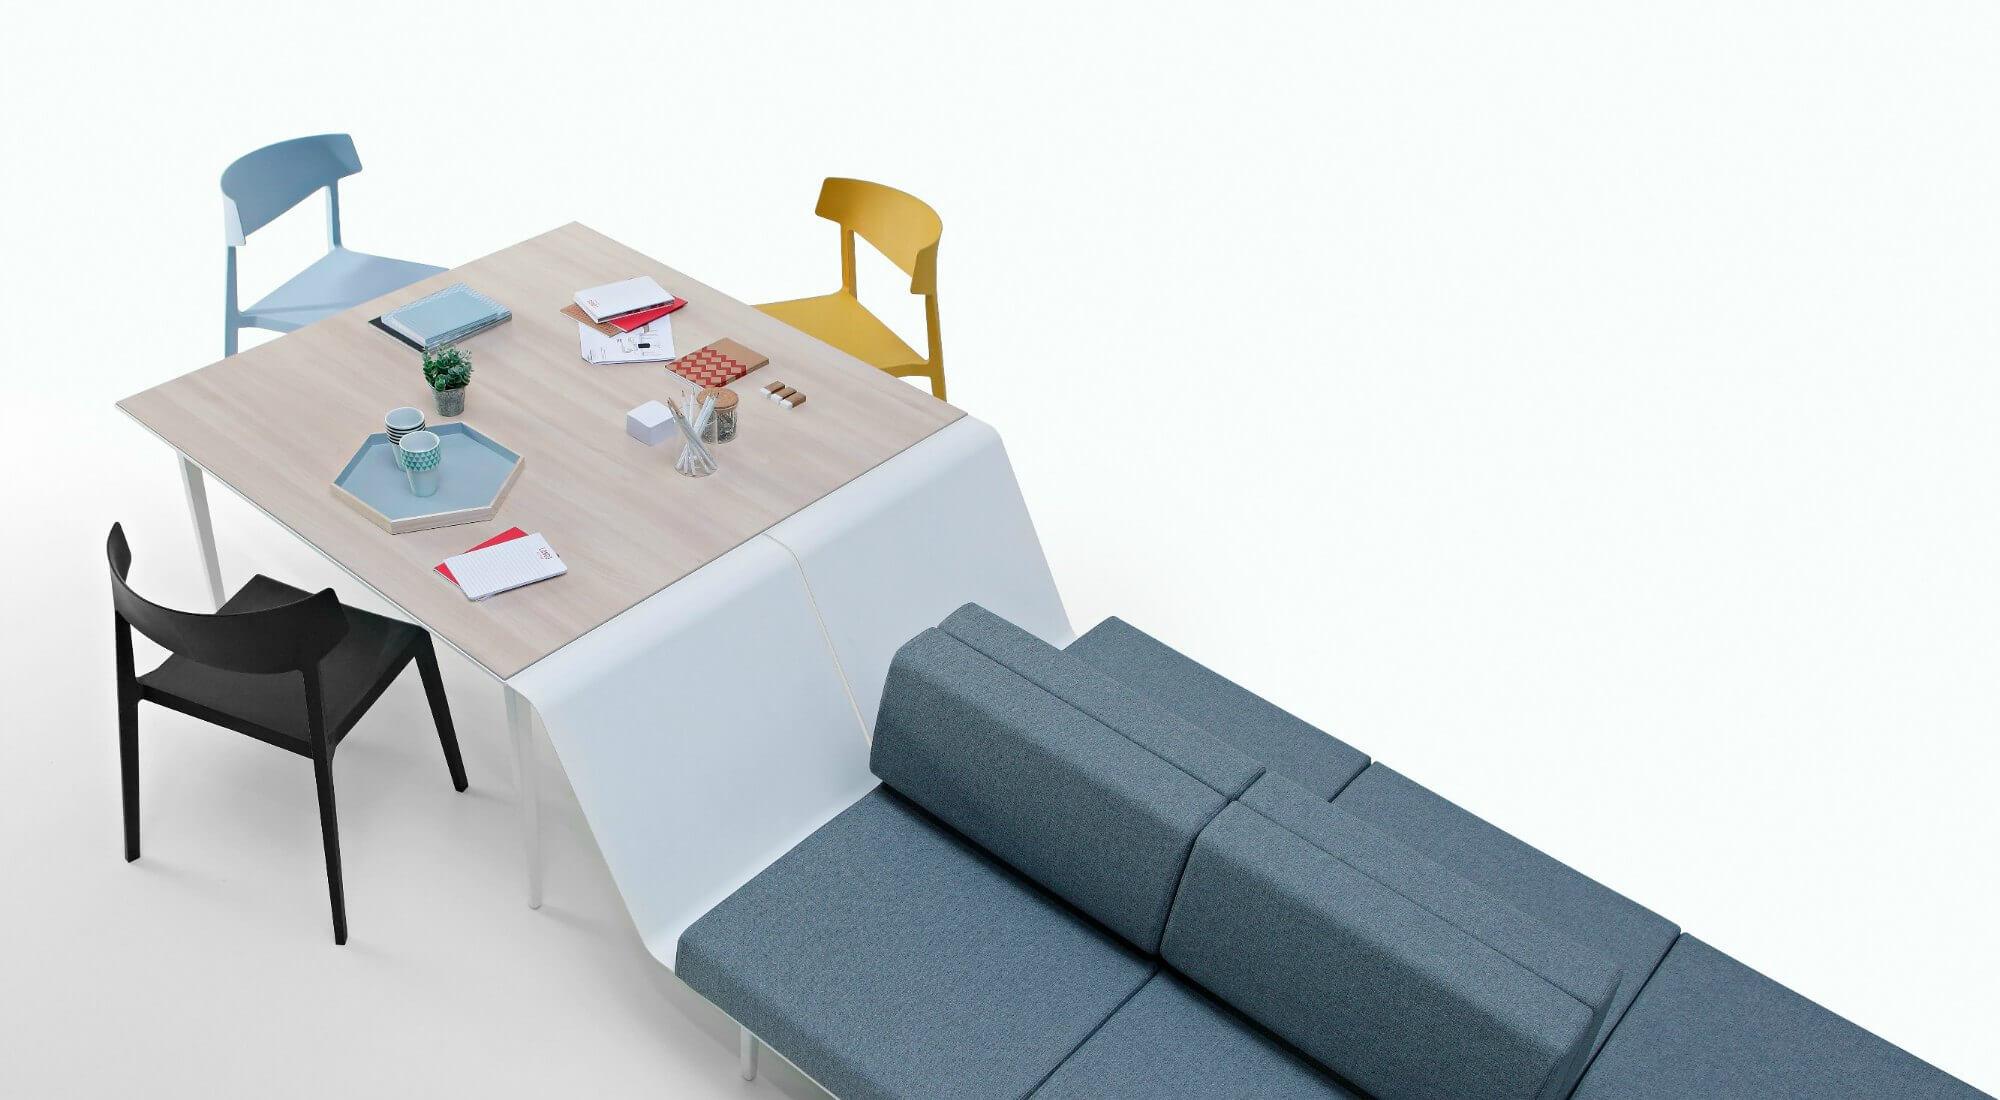 Muebles de oficina actiu slider 31 adeyaka bcn for Muebles de oficina ahora 12